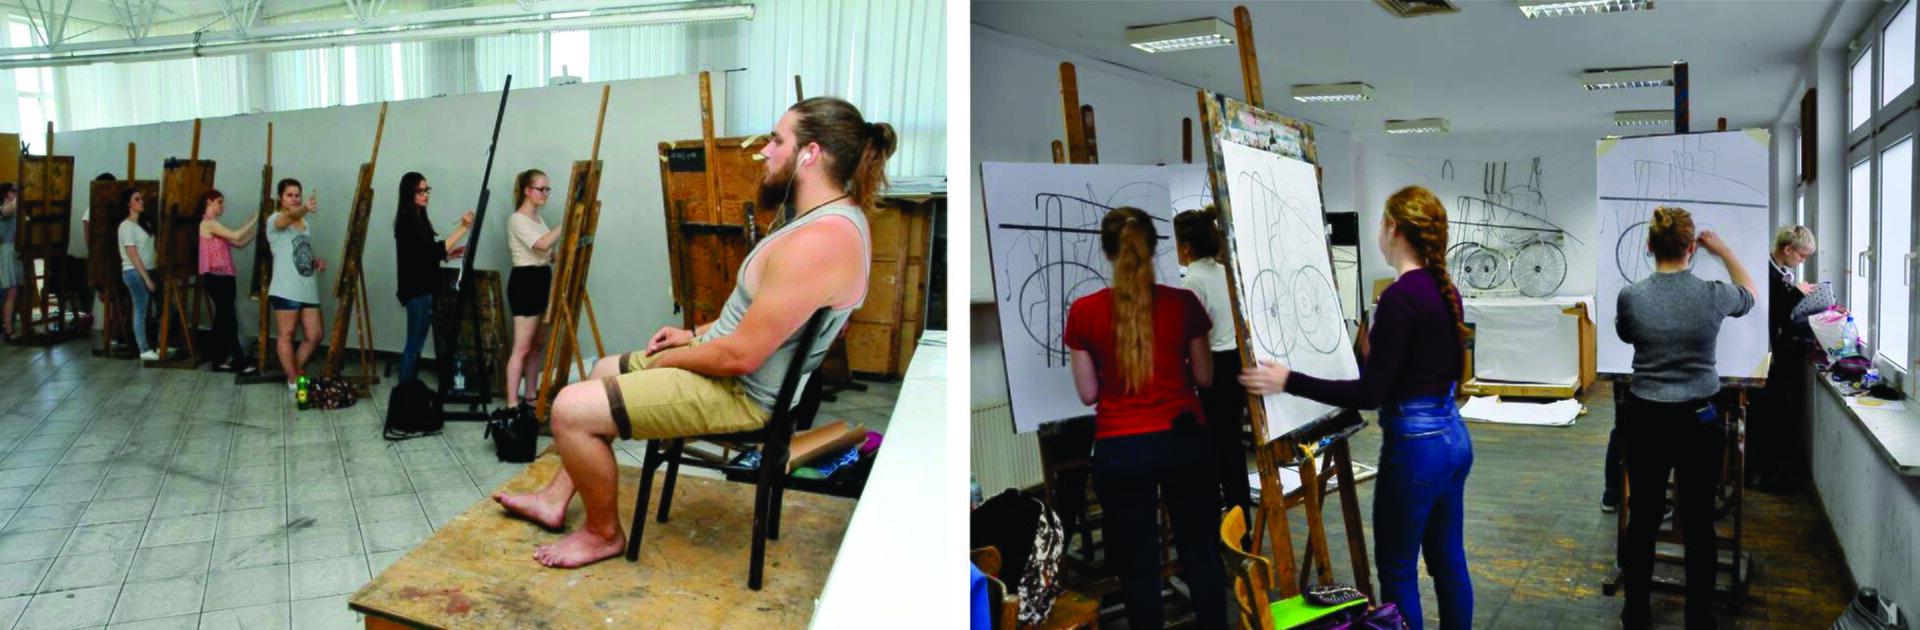 Ilustracja przedstawiająca studentów wtrakcie studiowania rysunku.